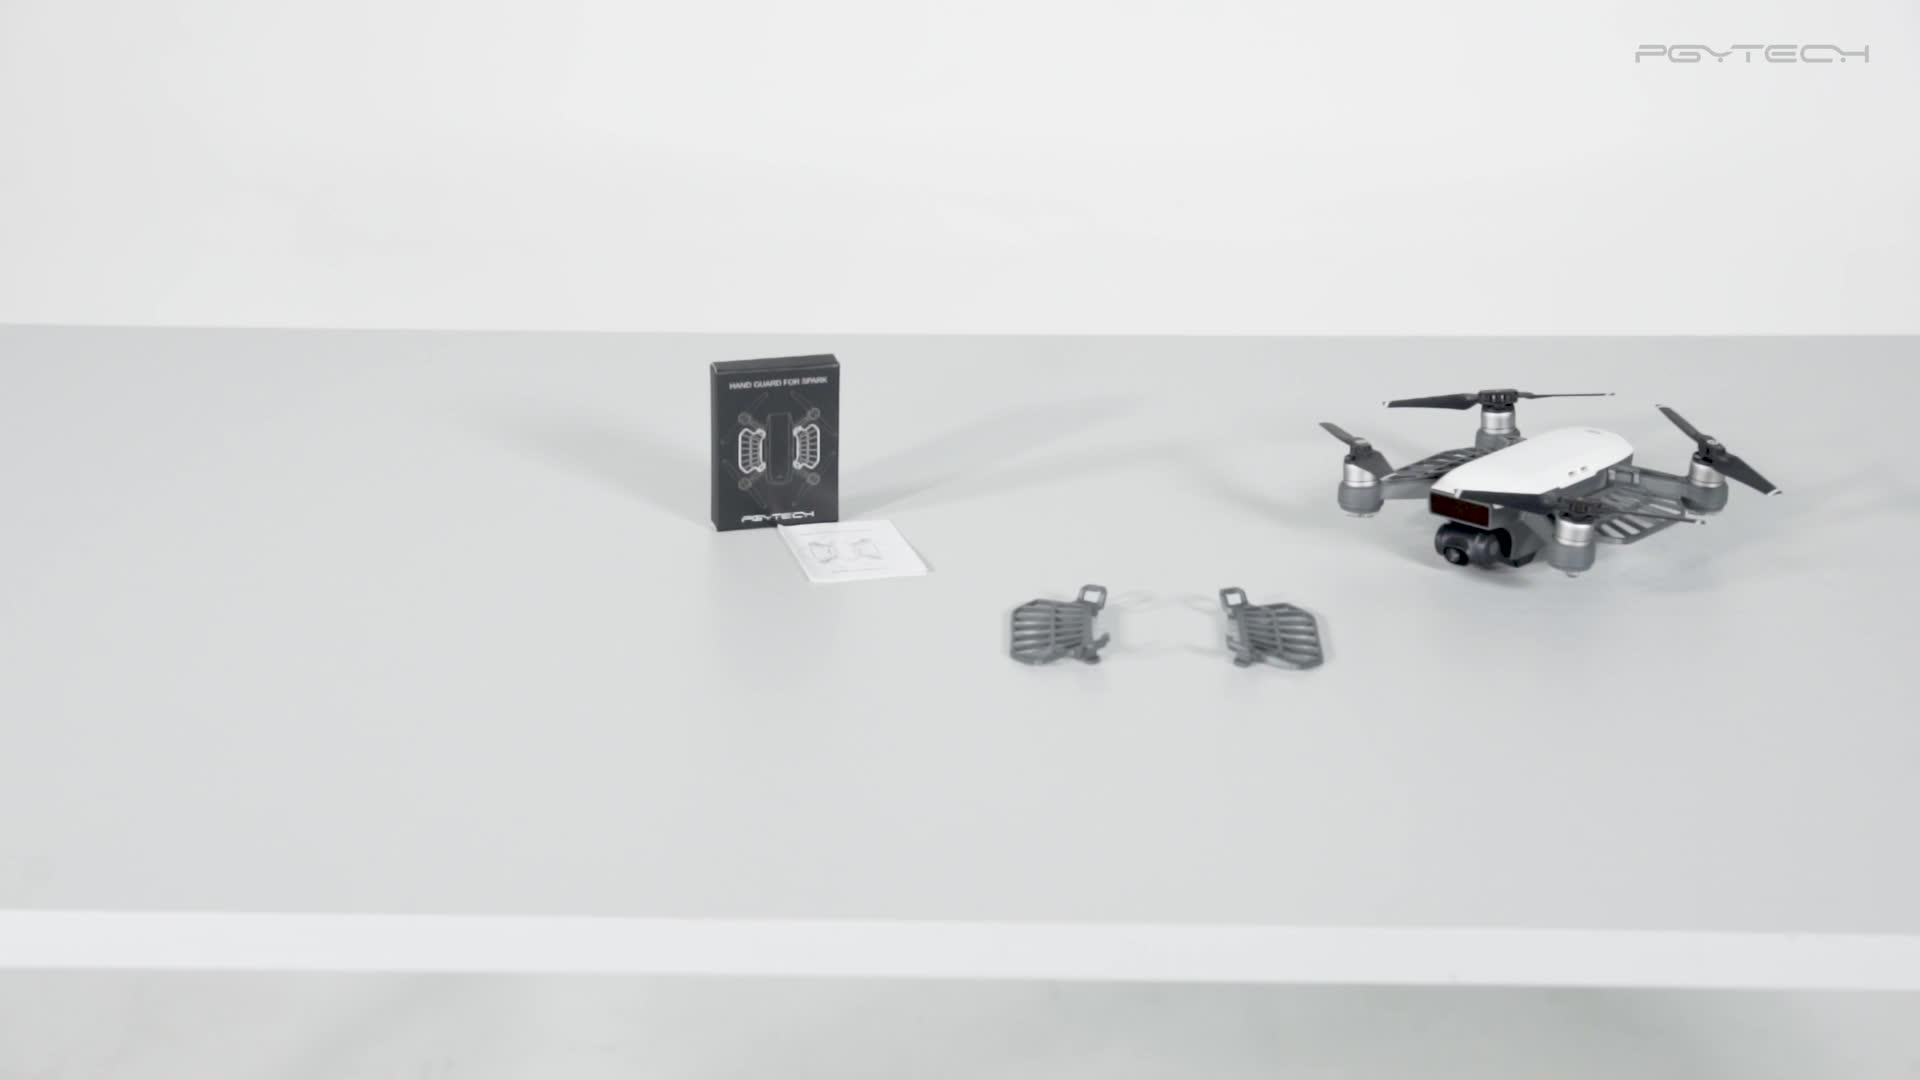 Vous Souhaitez Apprendre Le Pilotage De Drone ?